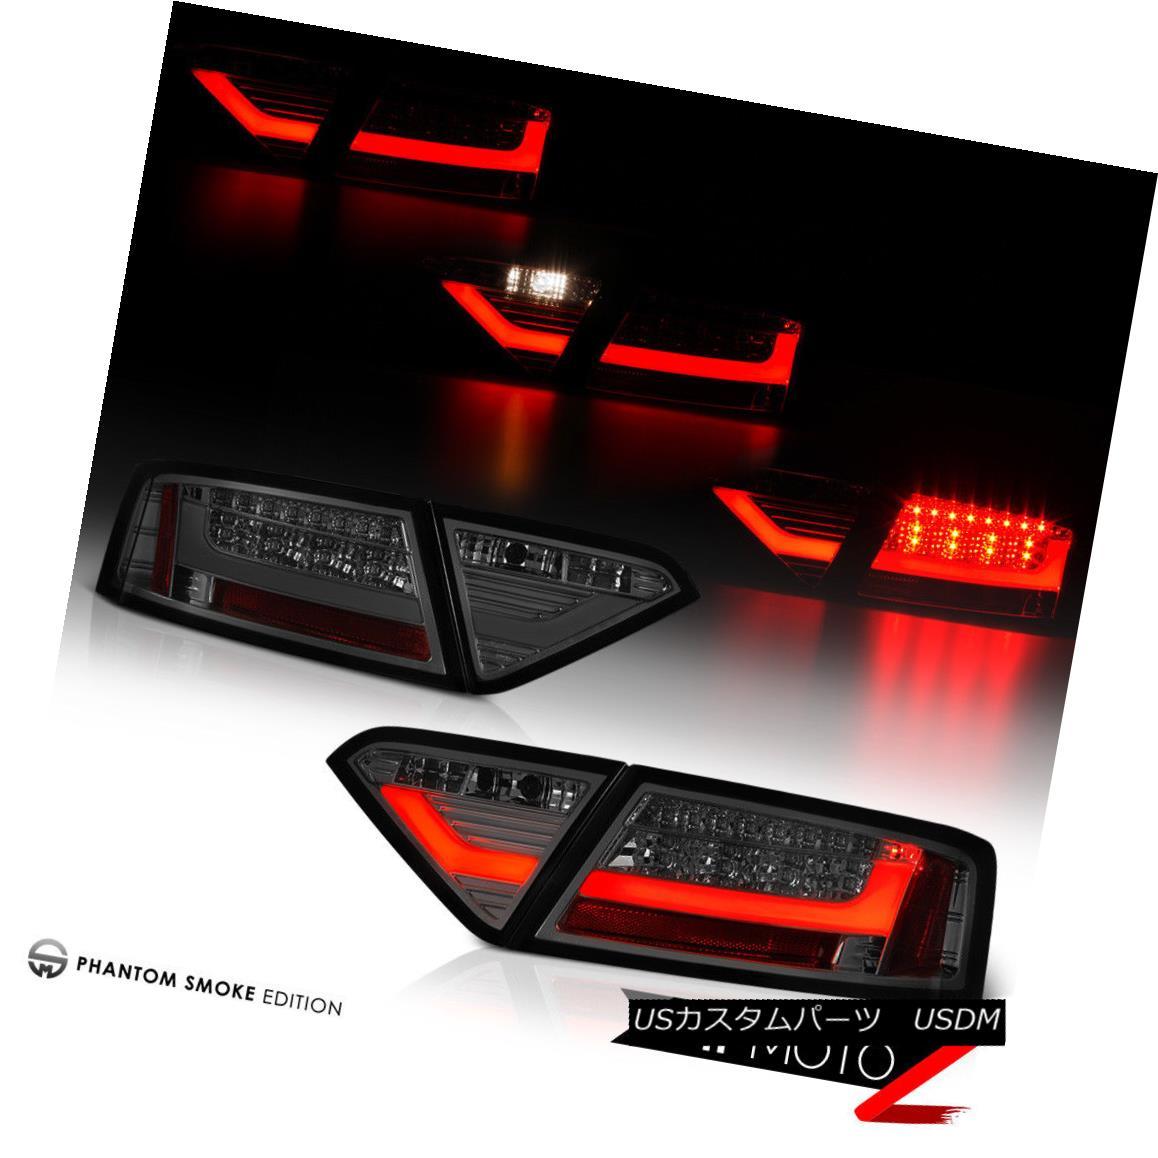 テールライト !FiBeR OpTiC Light Tube! 2008-2012 Audi A5 S5 Smoke LED Brake Signal Tail Lights !光ファイバーオプティクスライトチューブ! 2008-2012 Audi A5 S5スモークLEDブレーキ信号テールライト